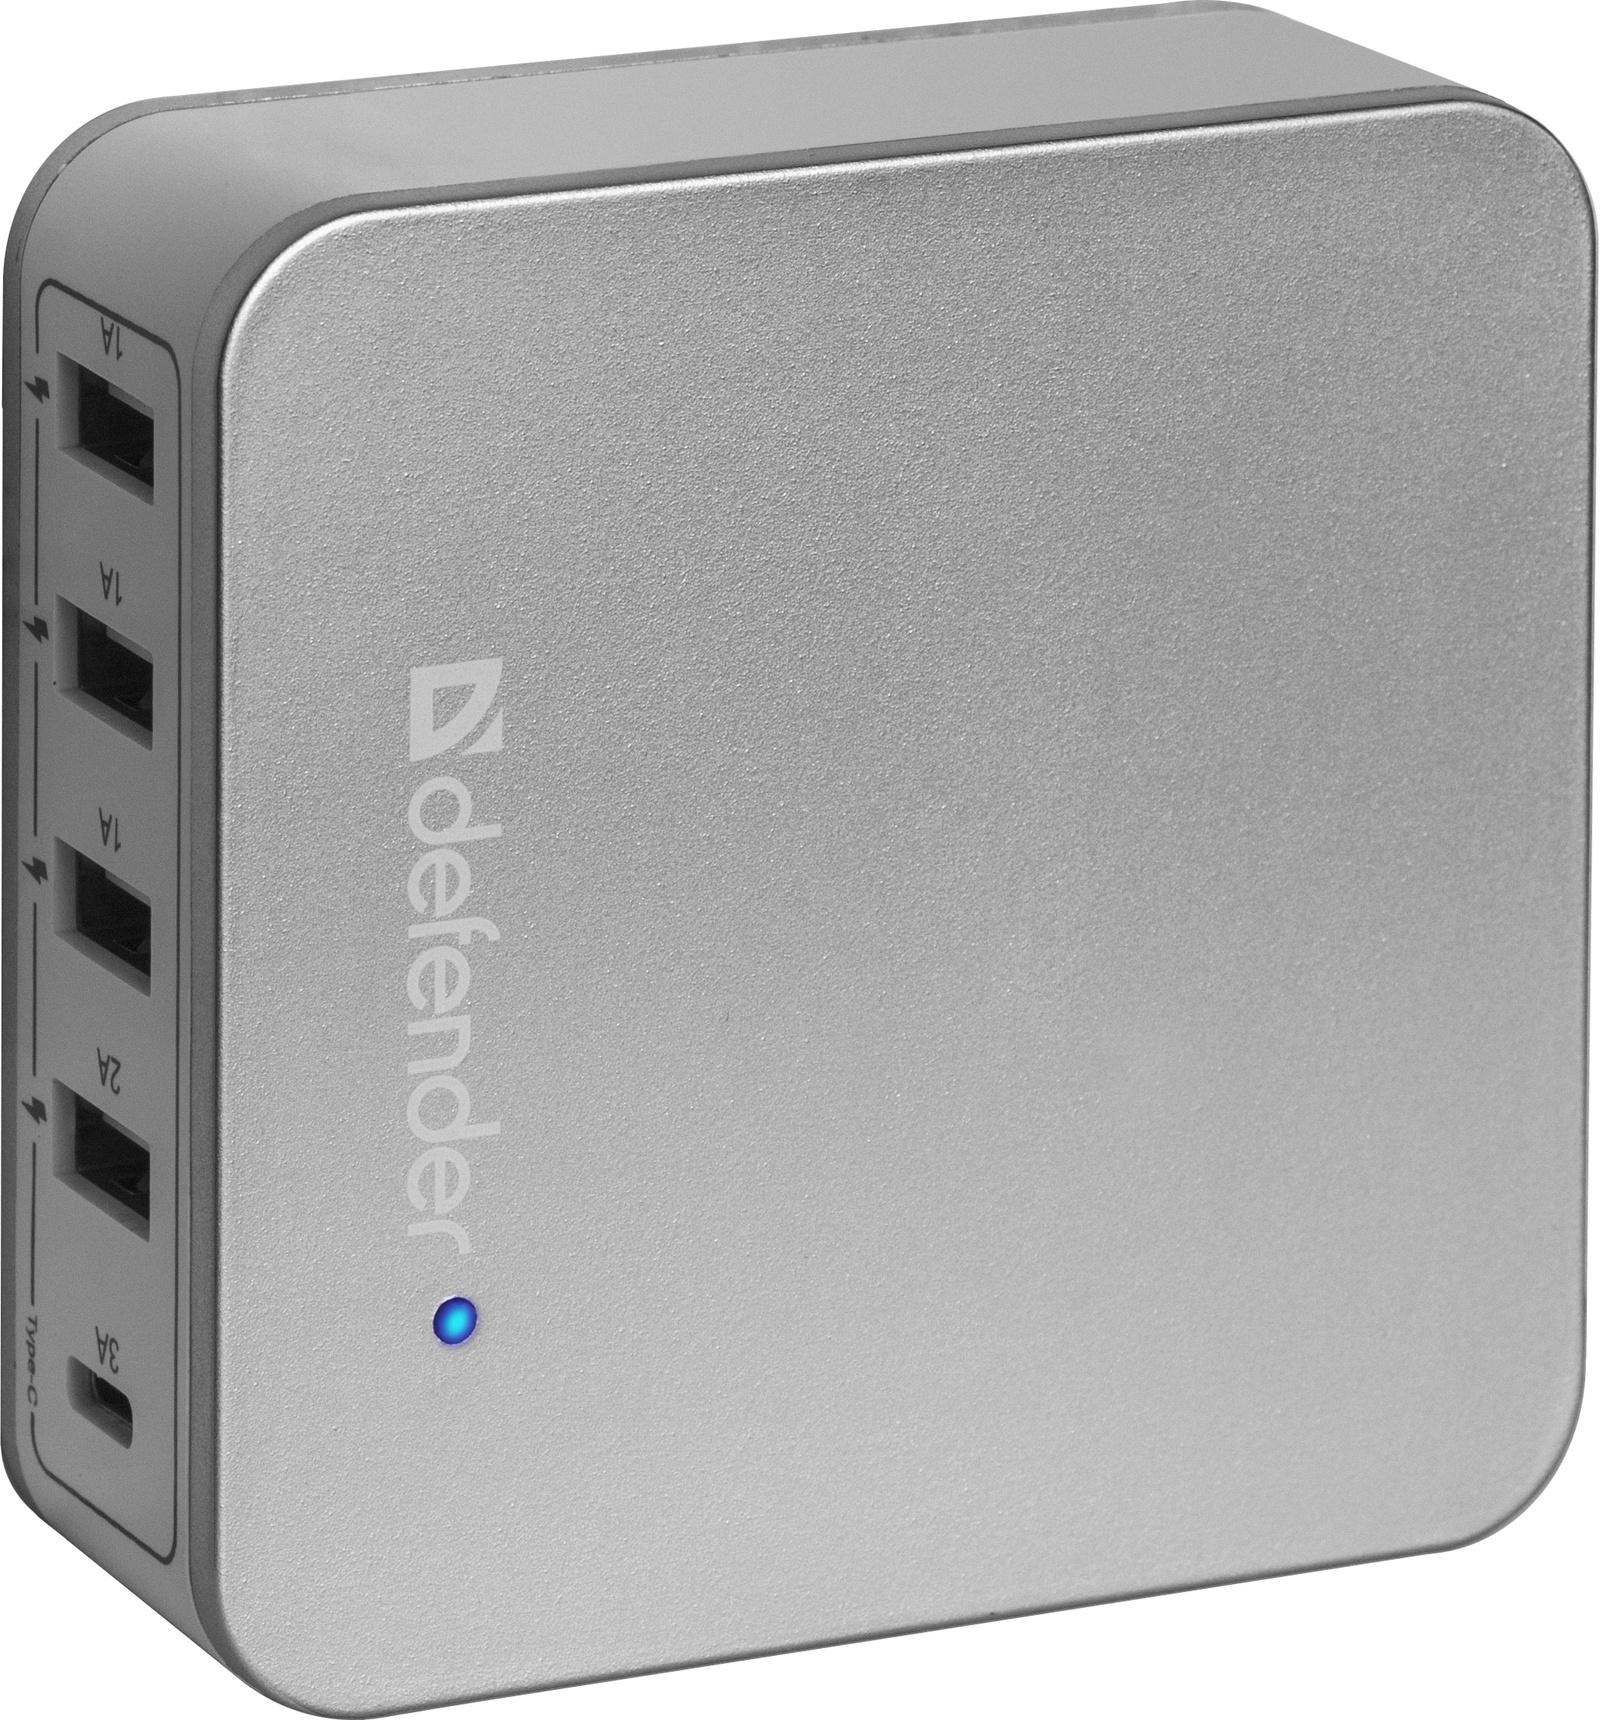 Сетевой адаптер Defender UPA-50 4 порта USB + Type C, 5V / 8A, 83538 стоимость